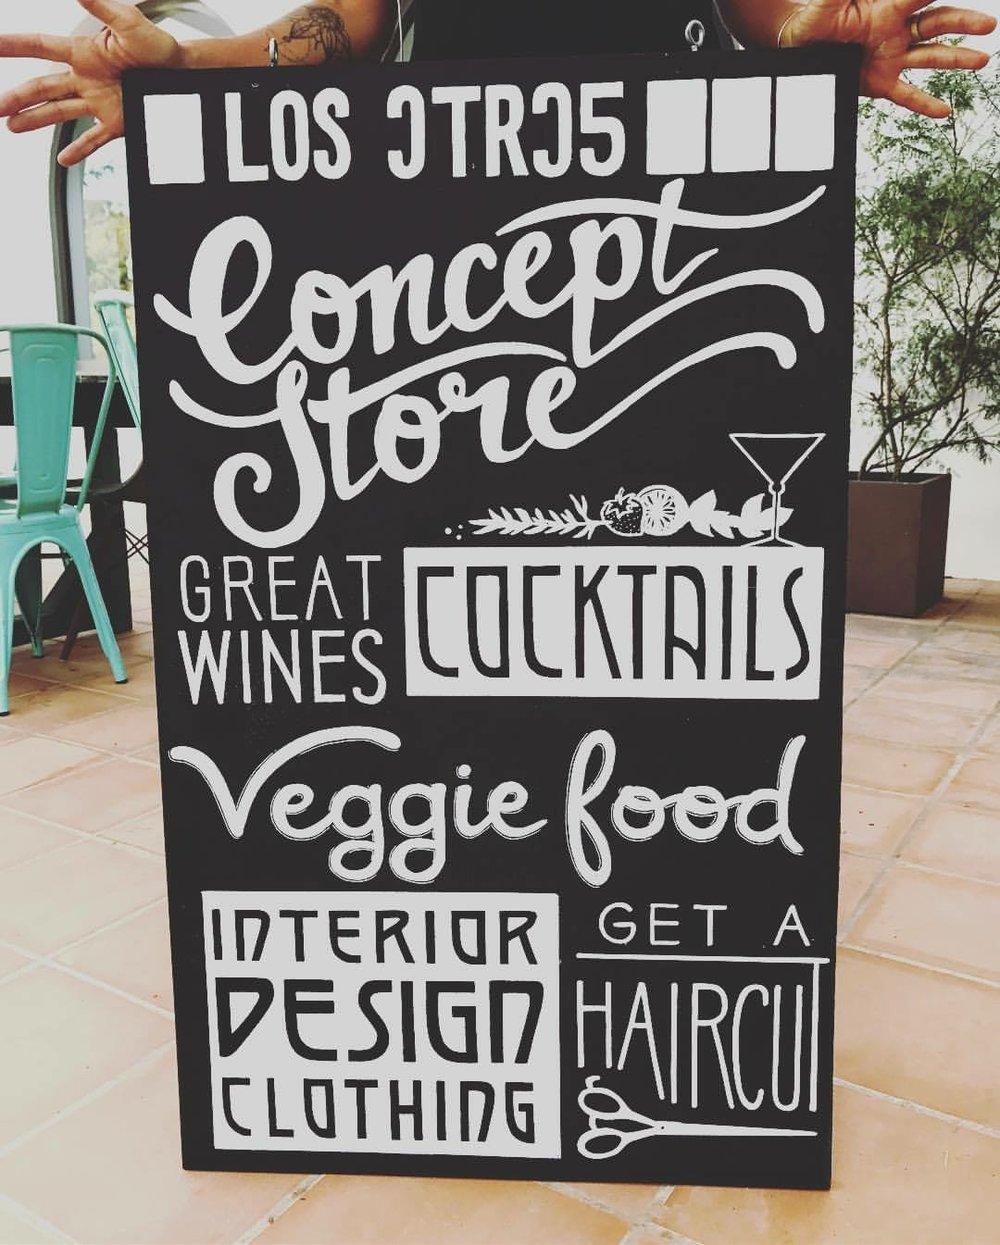 Los Otros Ibiza concept store